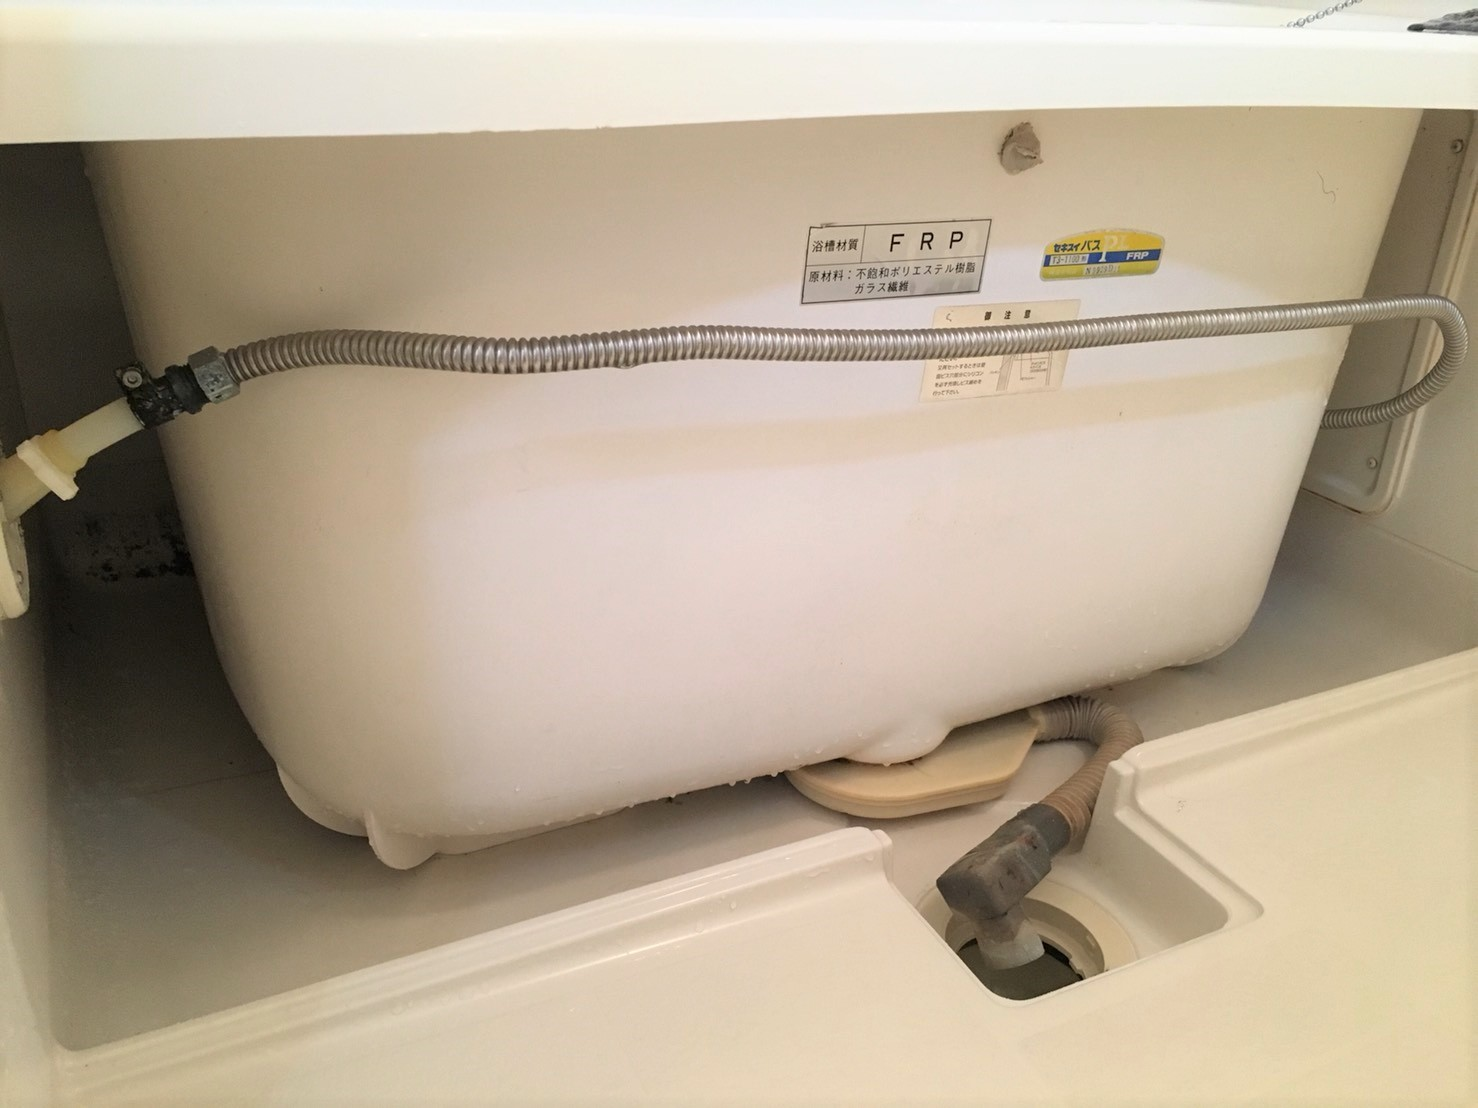 湿気が多い梅雨の時期だからこそ、お風呂の頑固なカビも水垢もプロの手で綺麗にします!浴室・バスルームをキレイにするならおそうじプラスへ。